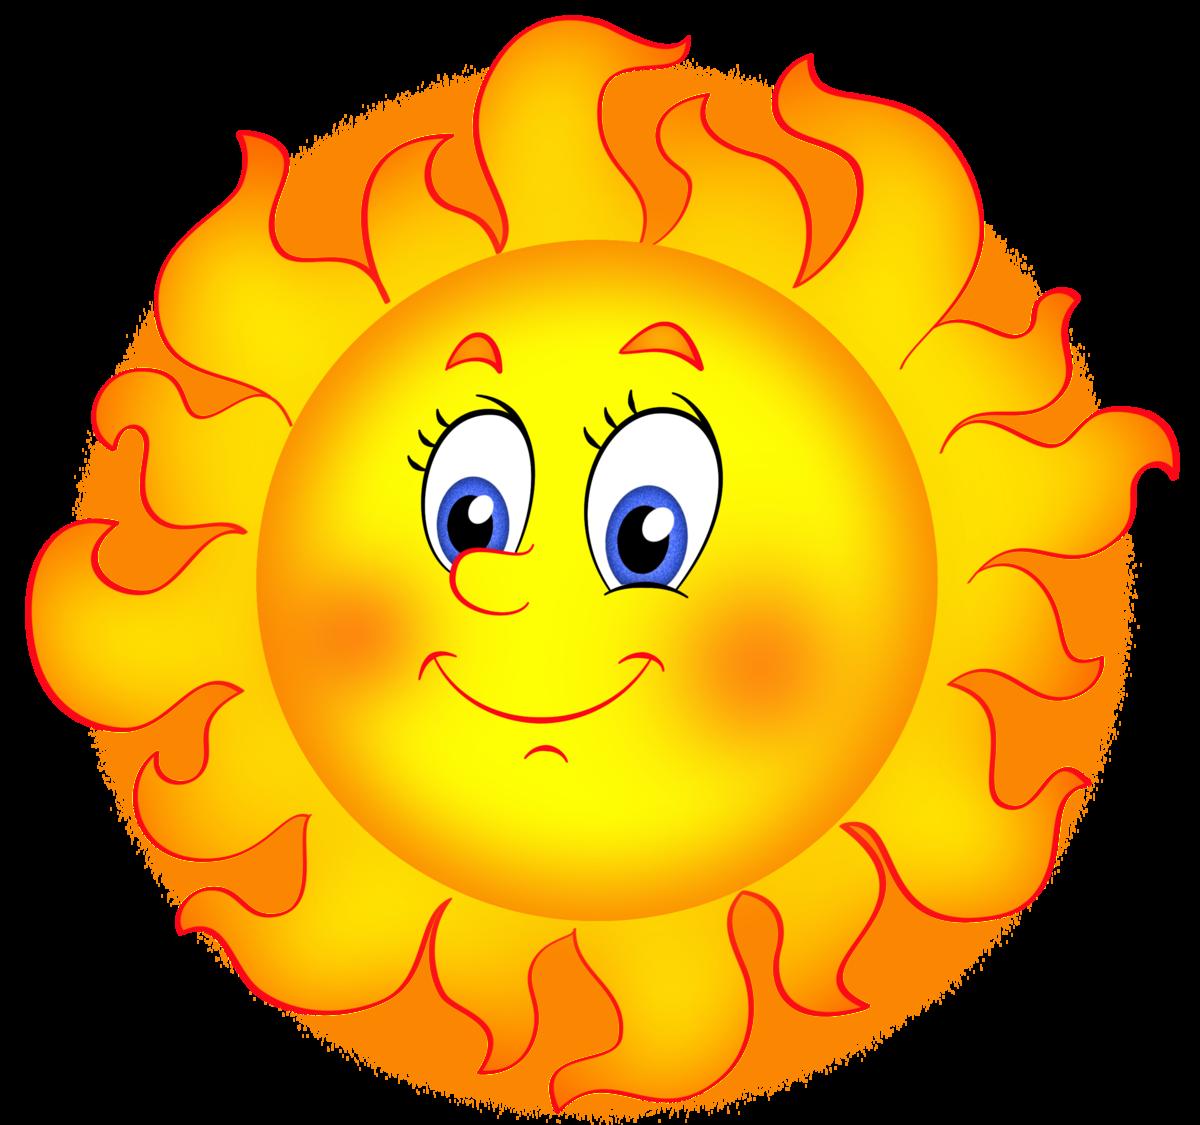 Солнышко картинки с лучами, открытка